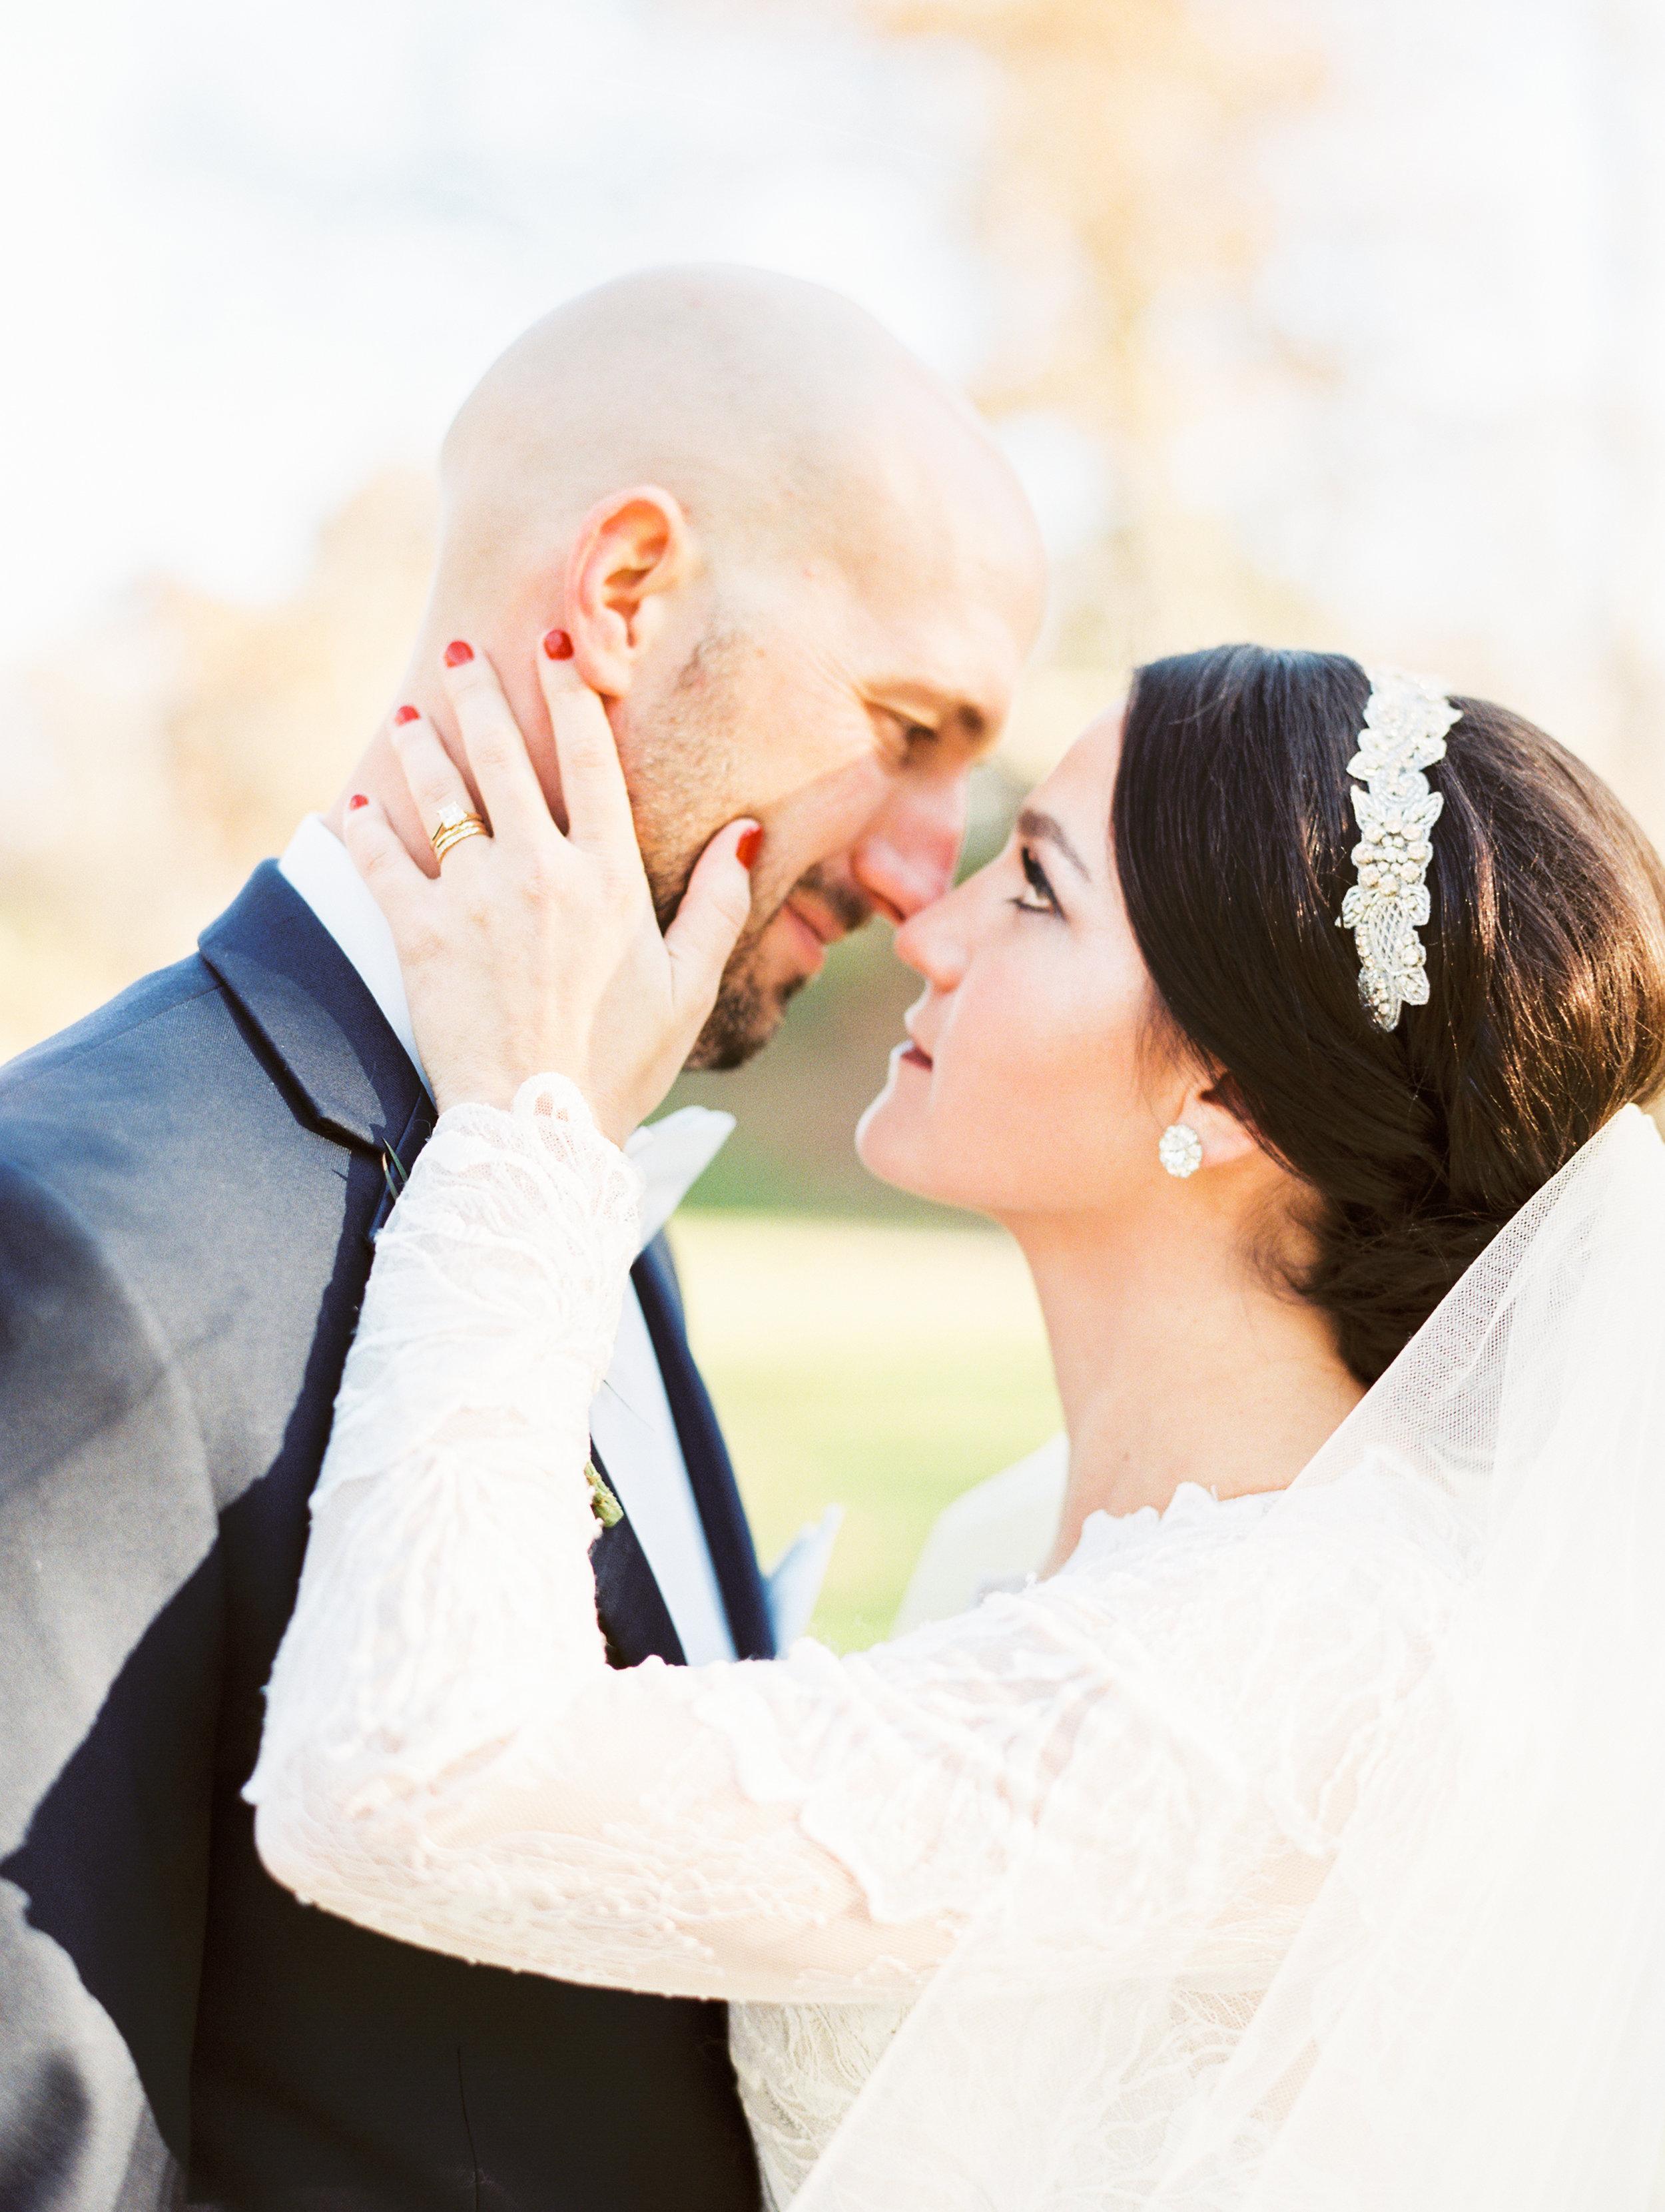 Vogelzang+Wedding+Bride+Groom-62.jpg